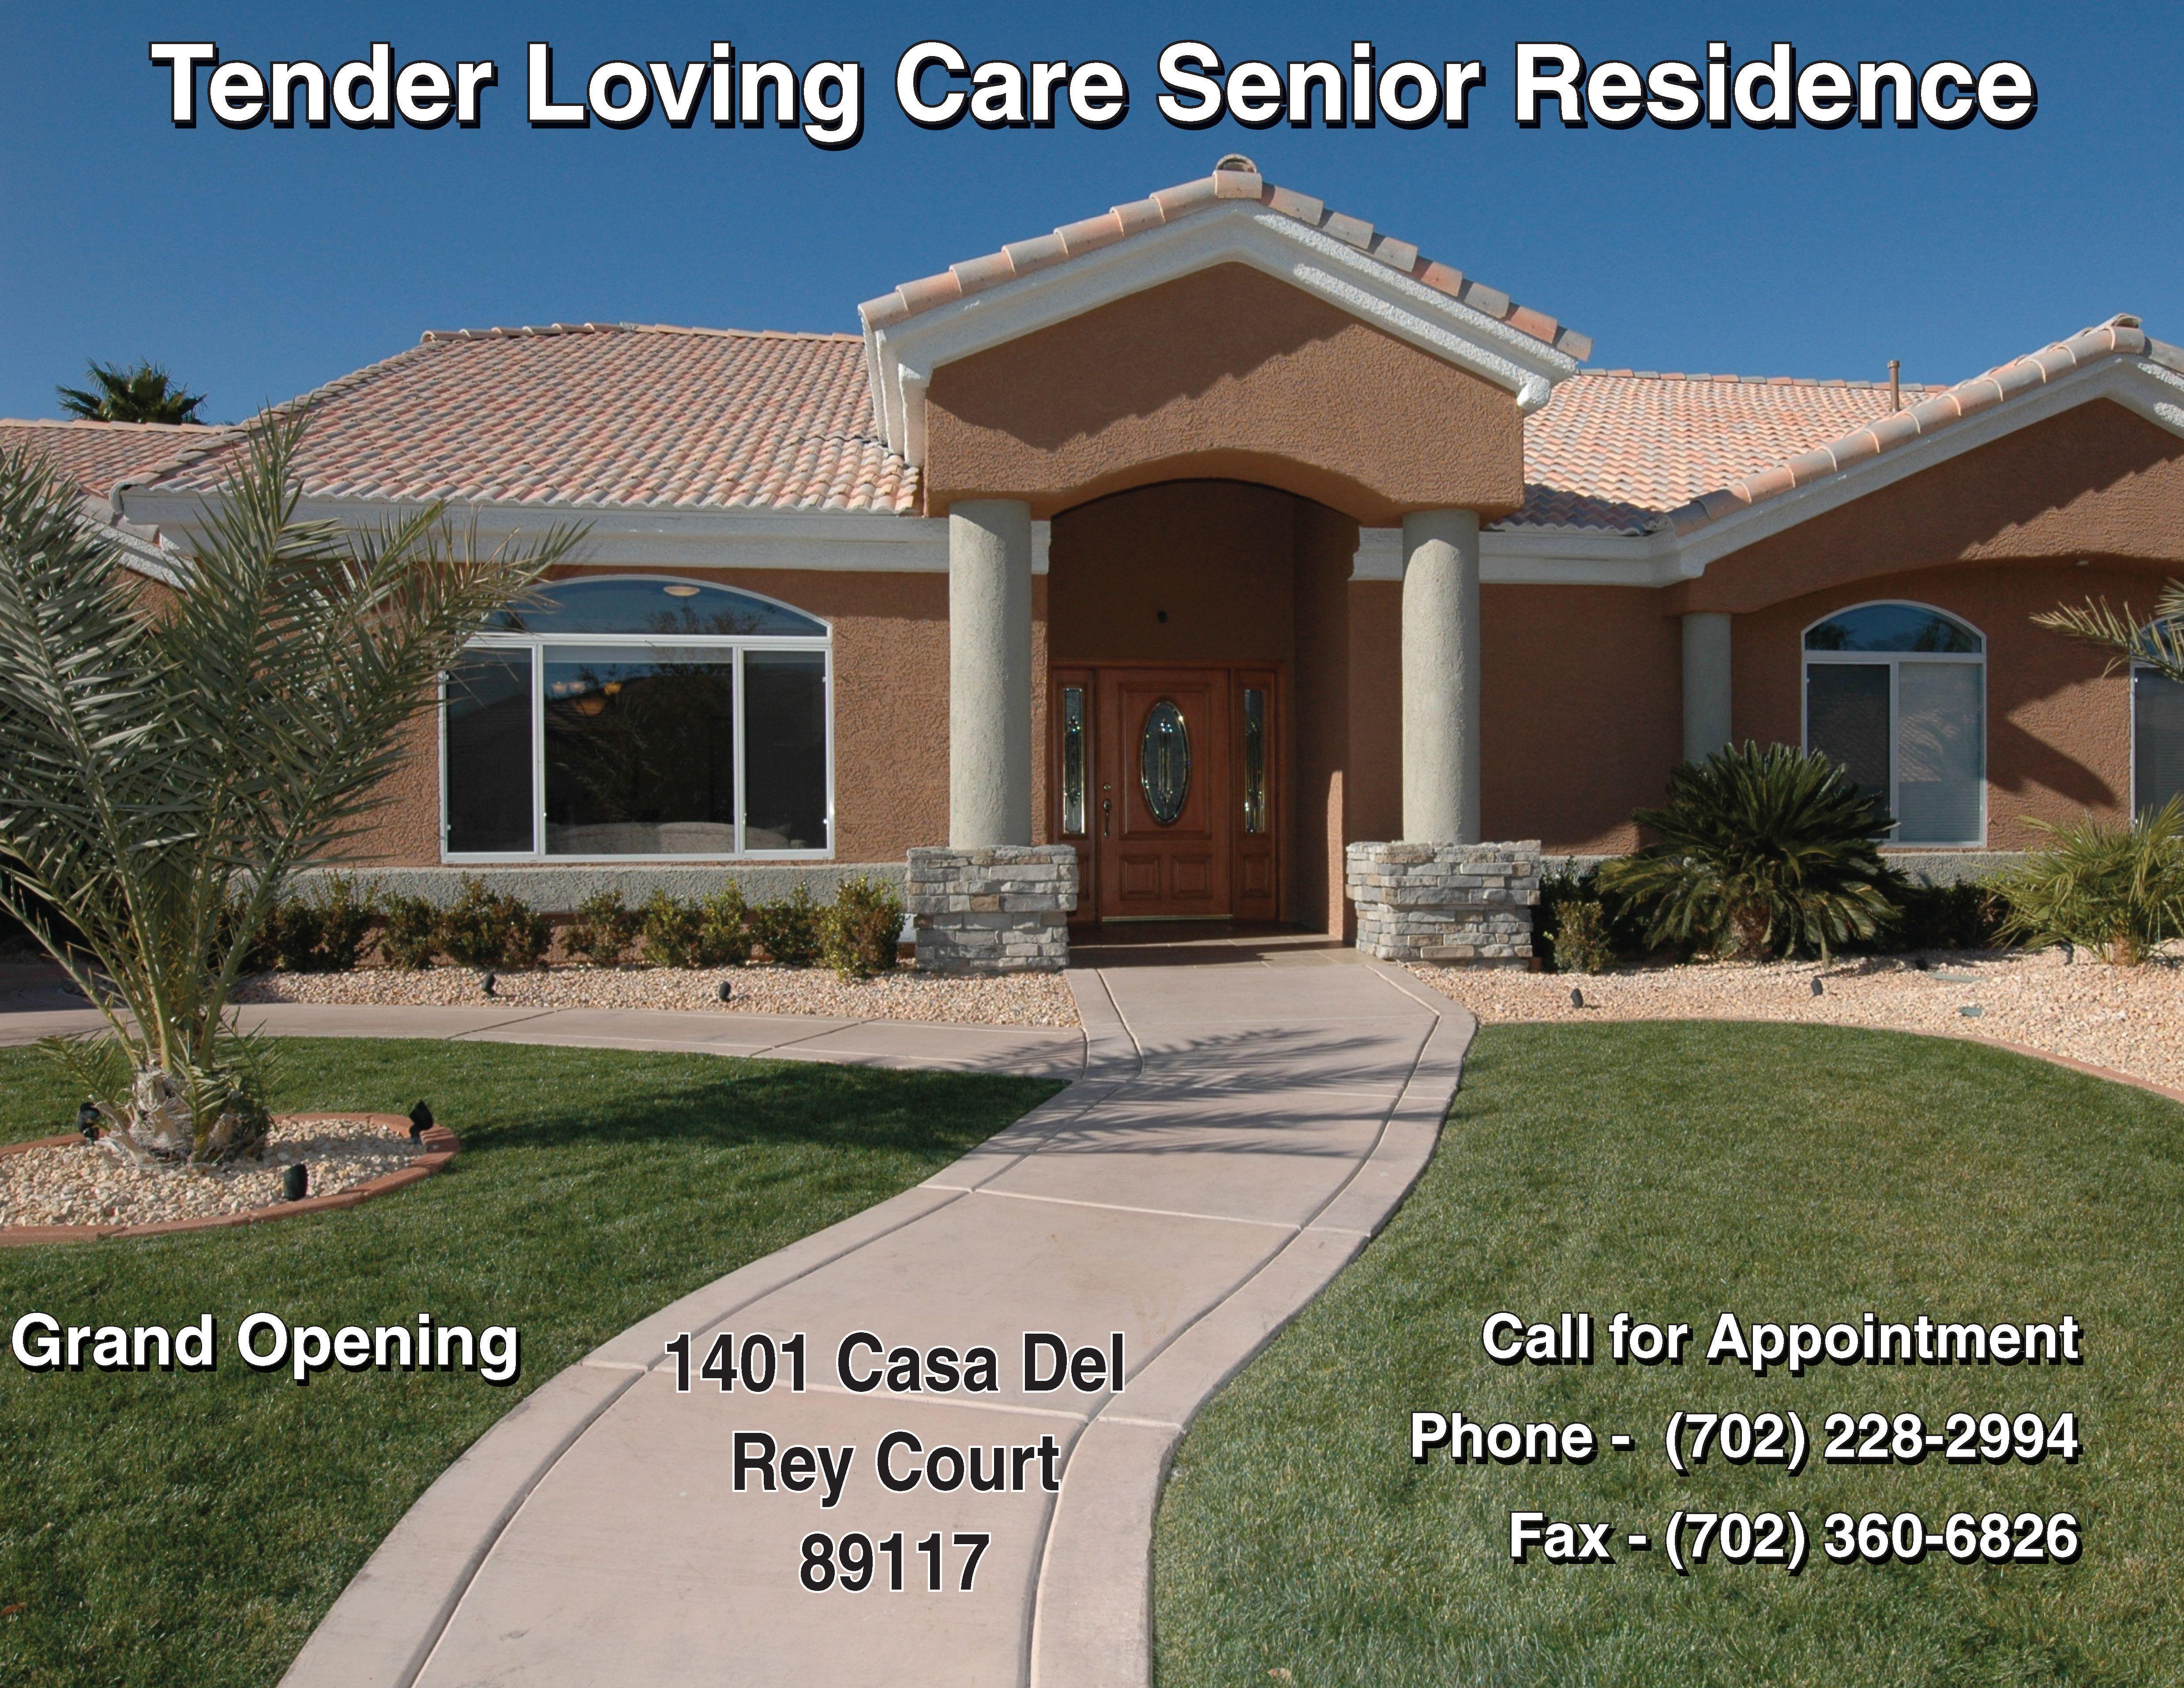 Tender loving care senior residence good example of